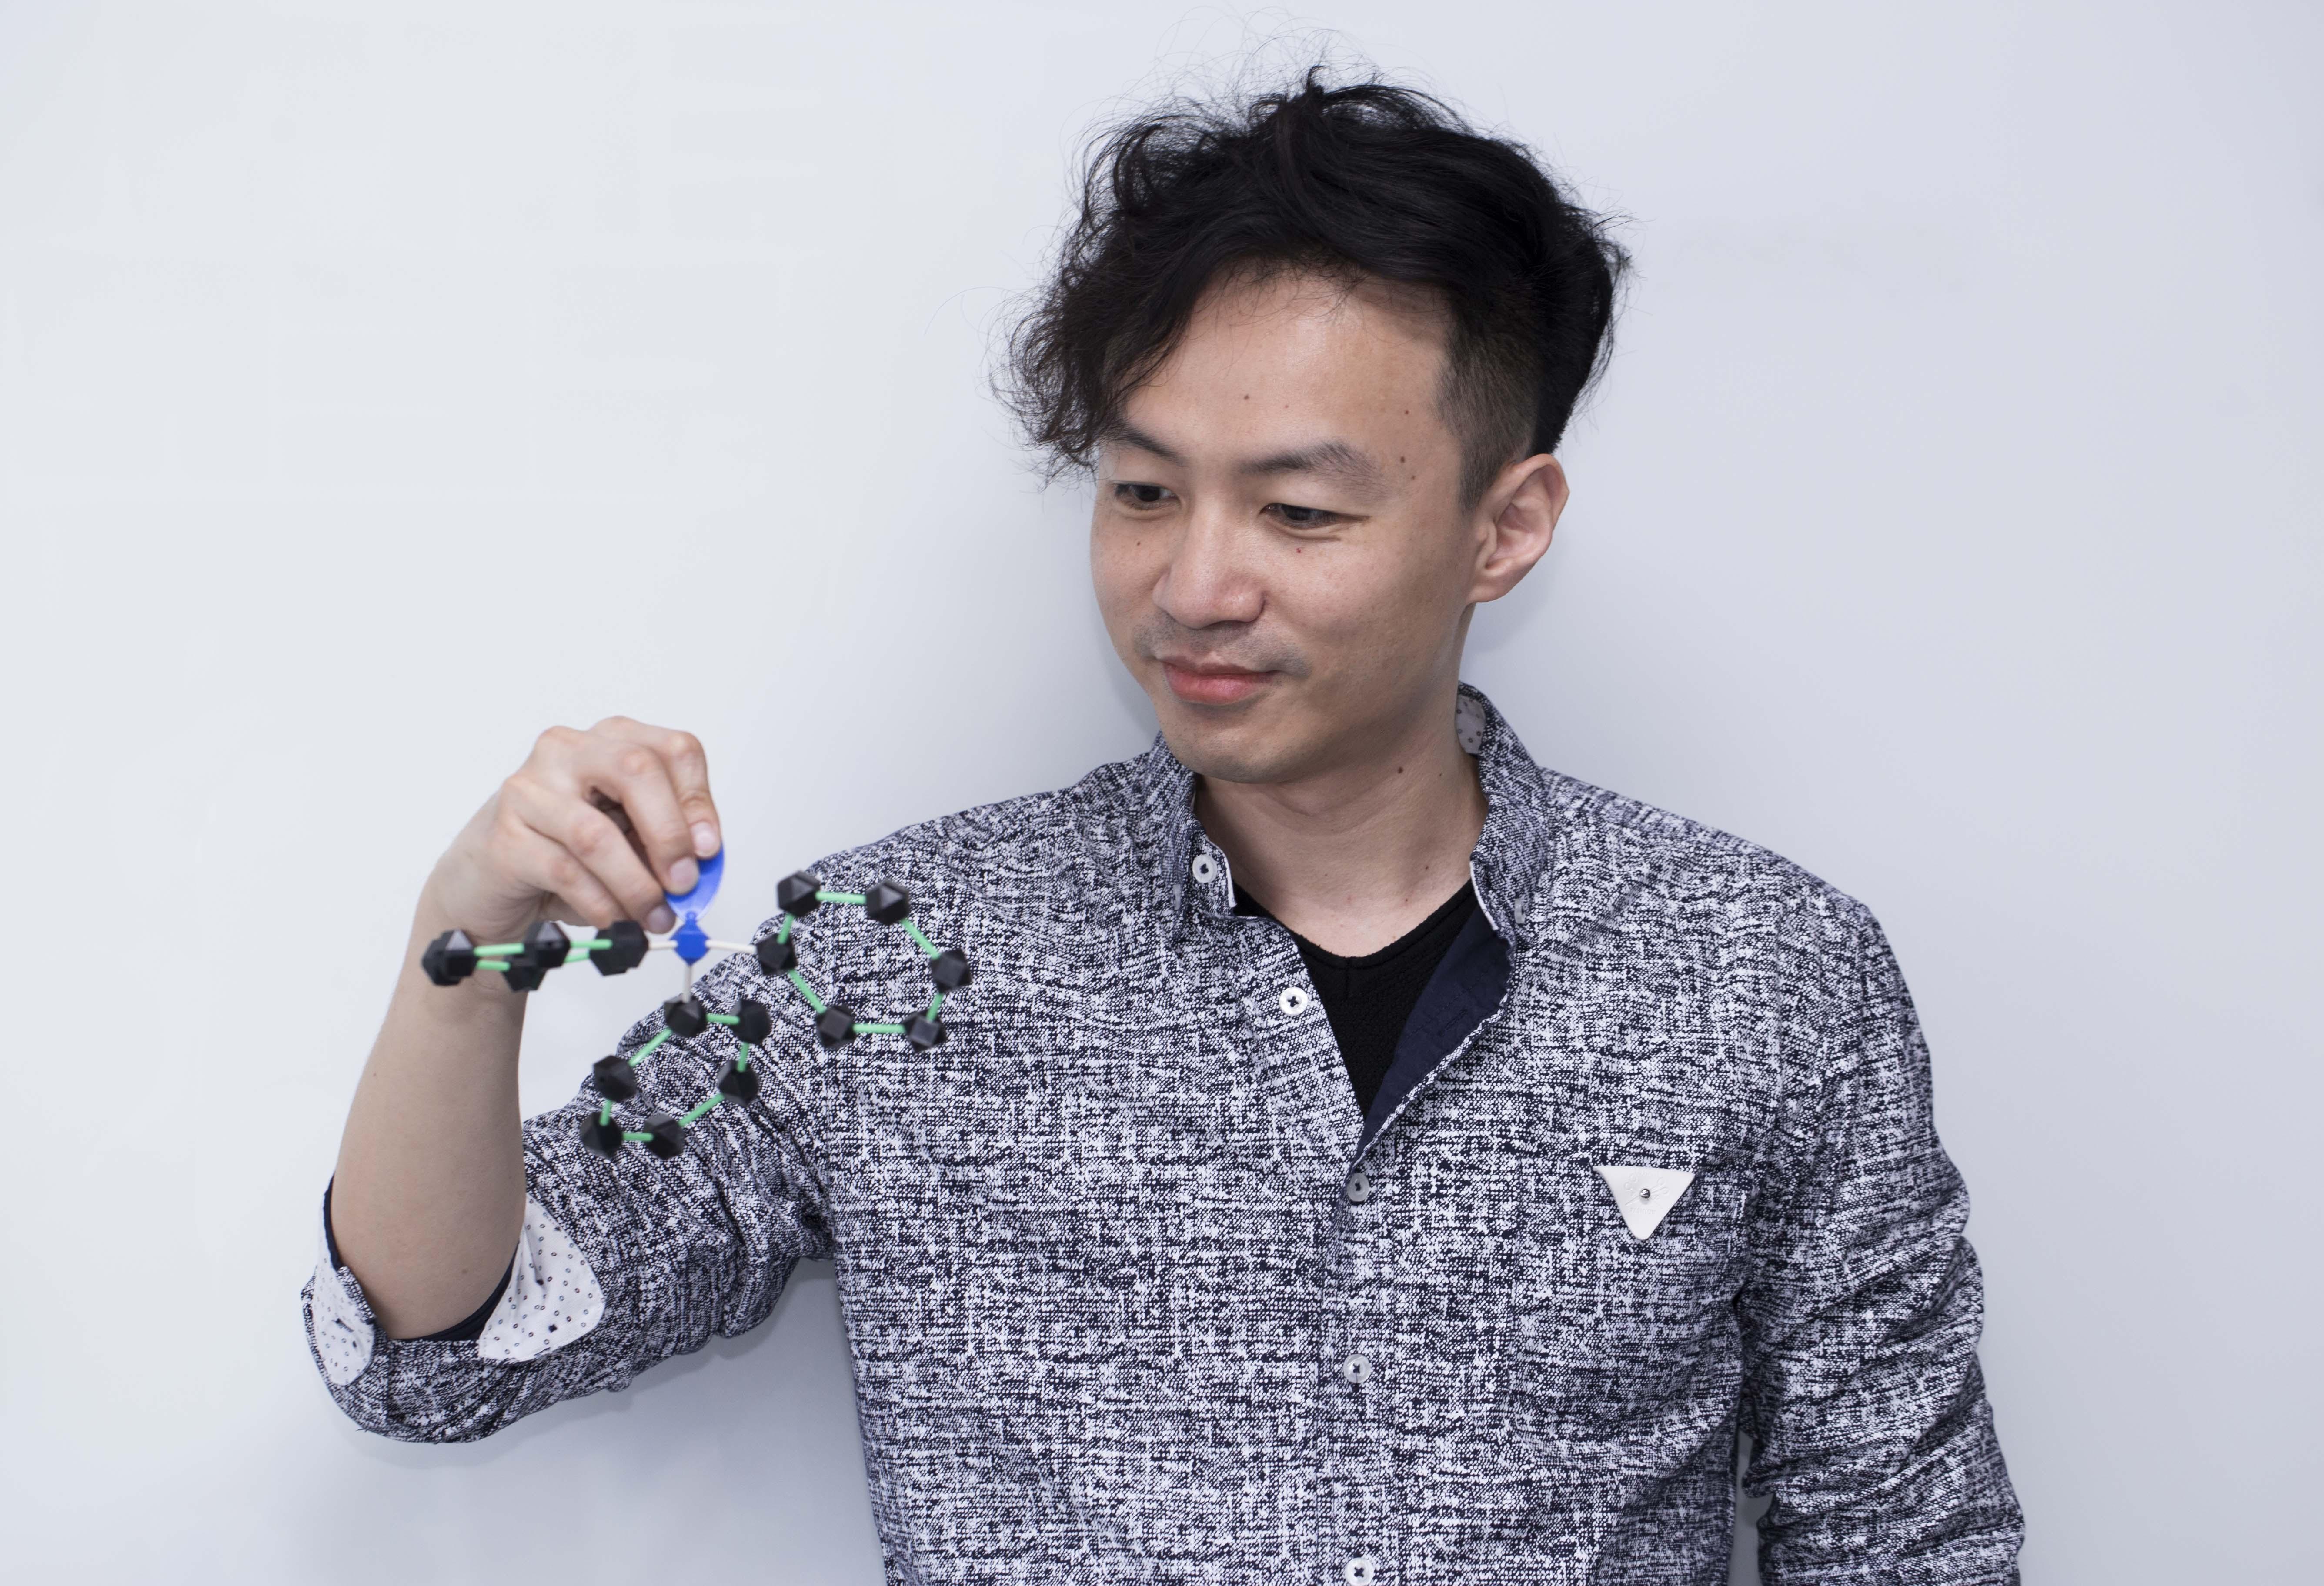 本文專訪中研院化學所的顏宏儒助研究員,透過分子模型玩具,介紹含有「三苯胺」這種分子結構的高分子材料,以及通電變色的應用。攝影│林洵安